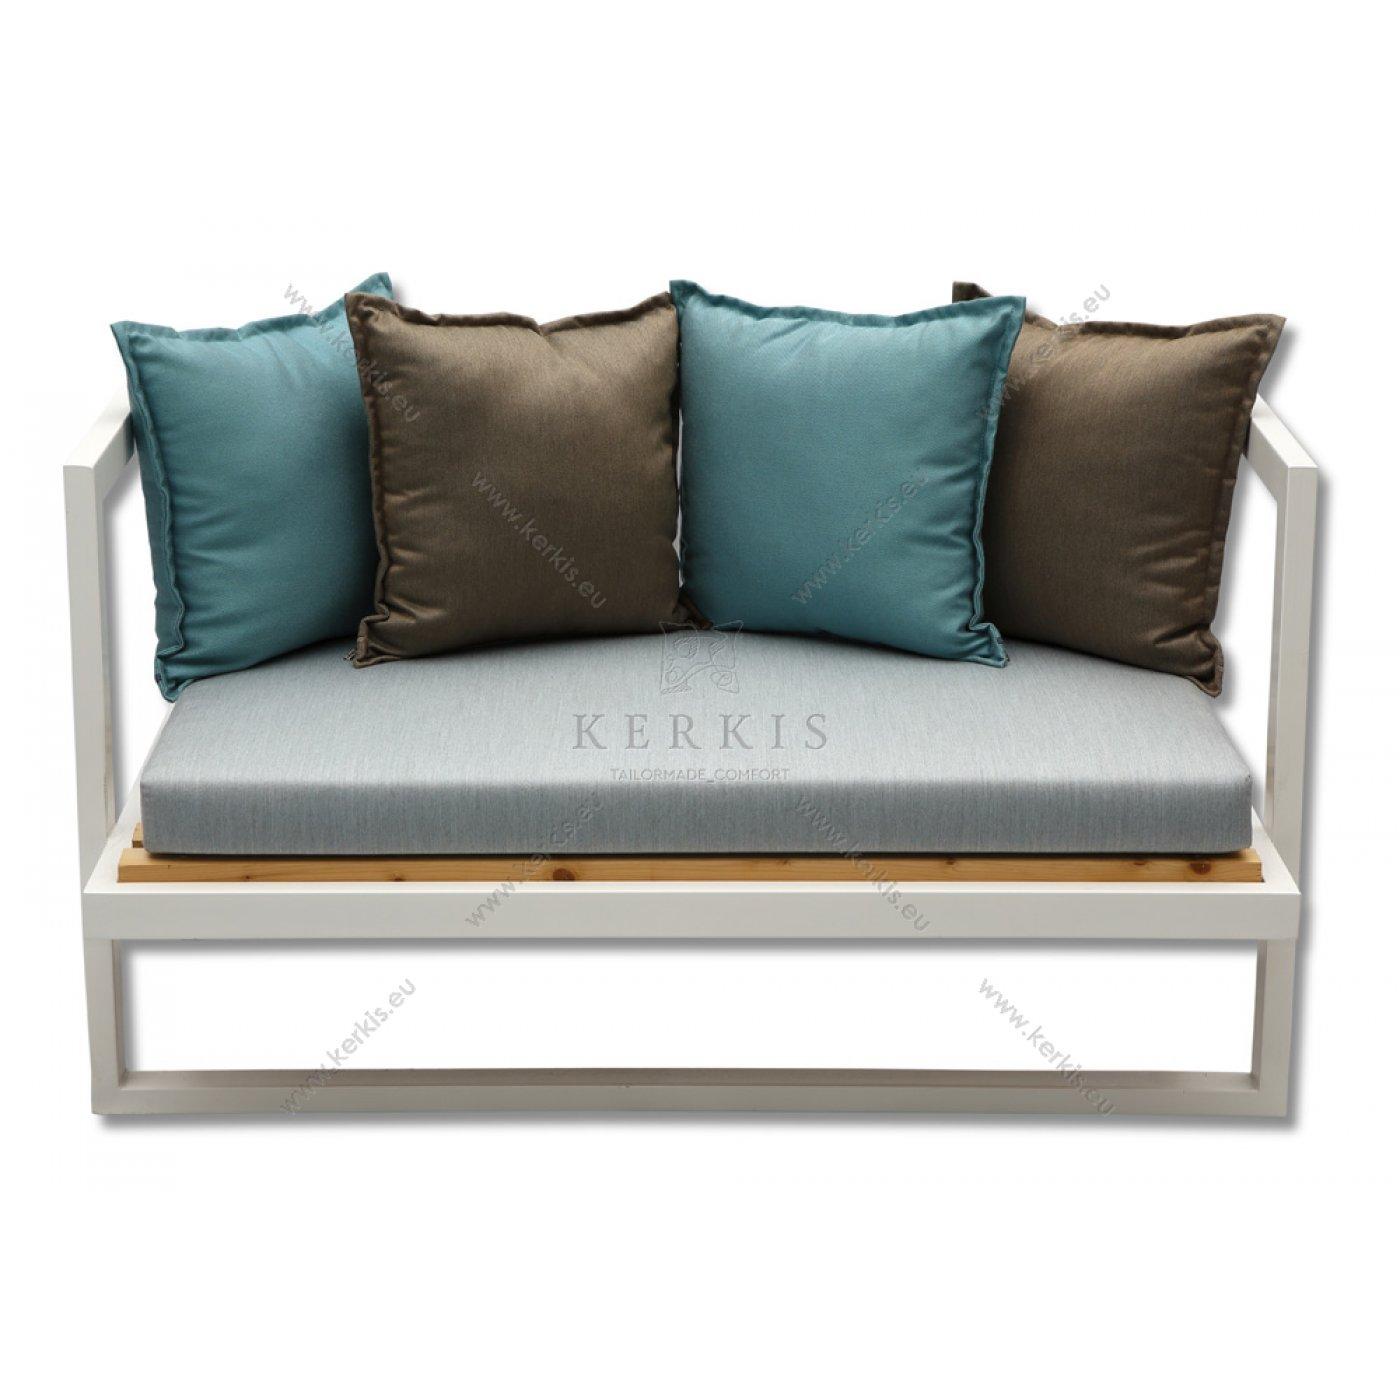 Μαξιλάρια καναπέ με ακρυλικά υφάσματα